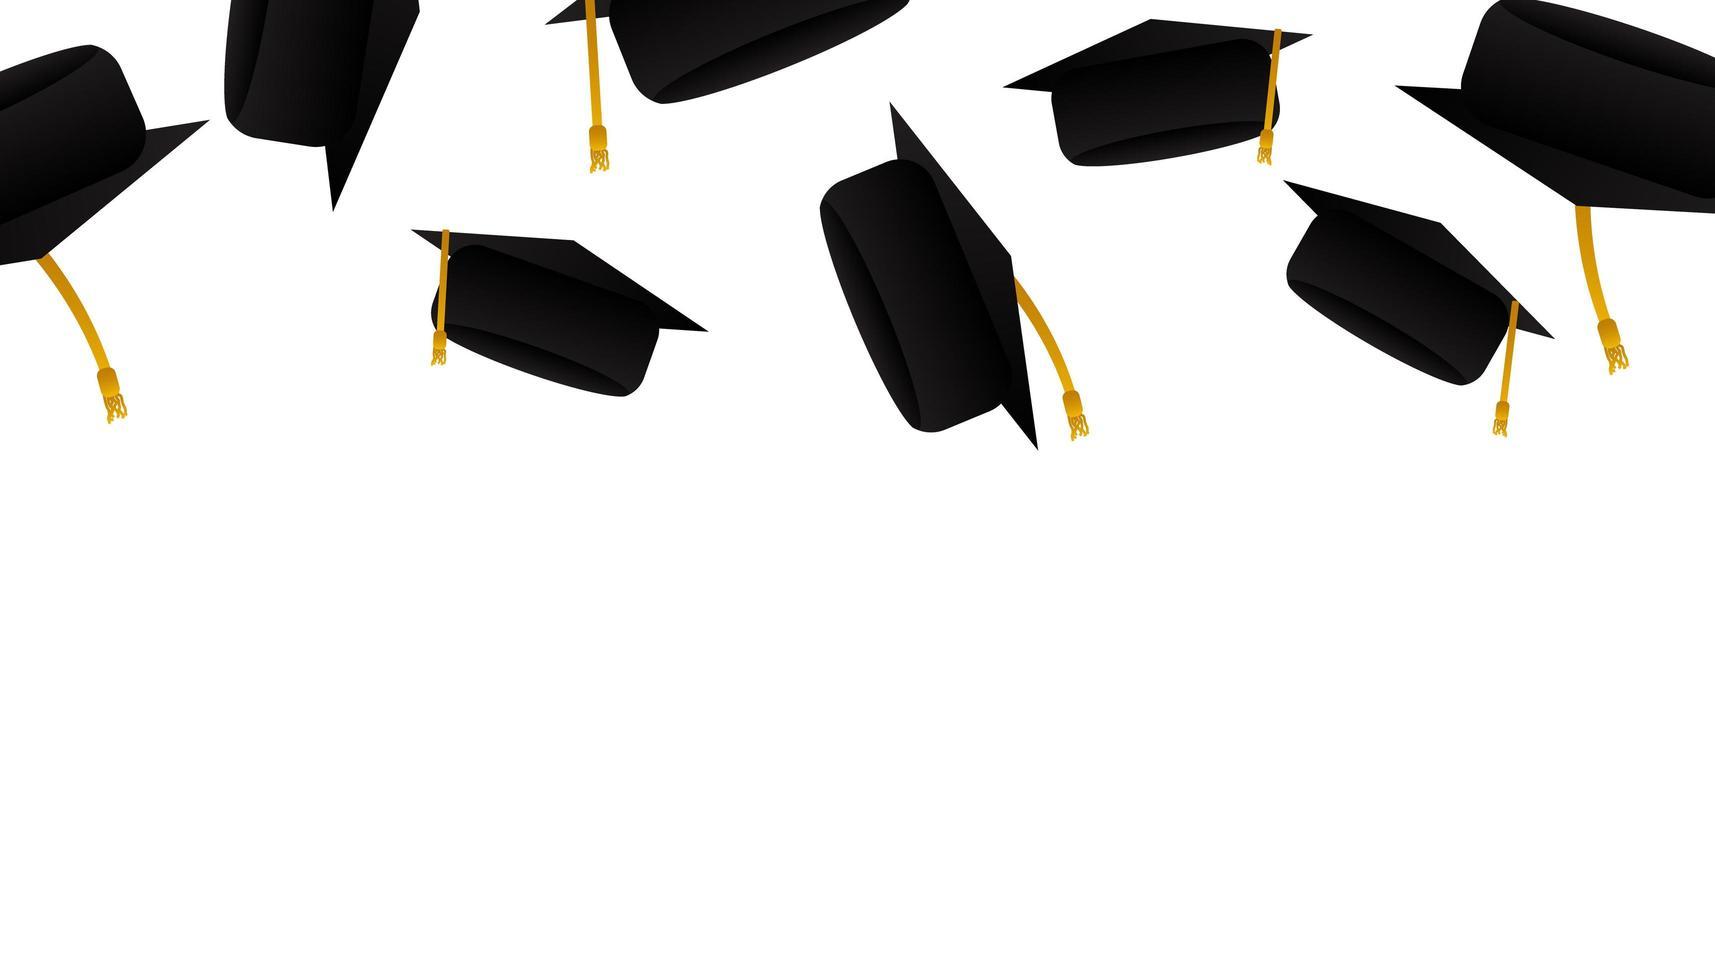 voando bonés de pós-graduação em fundo branco vetor